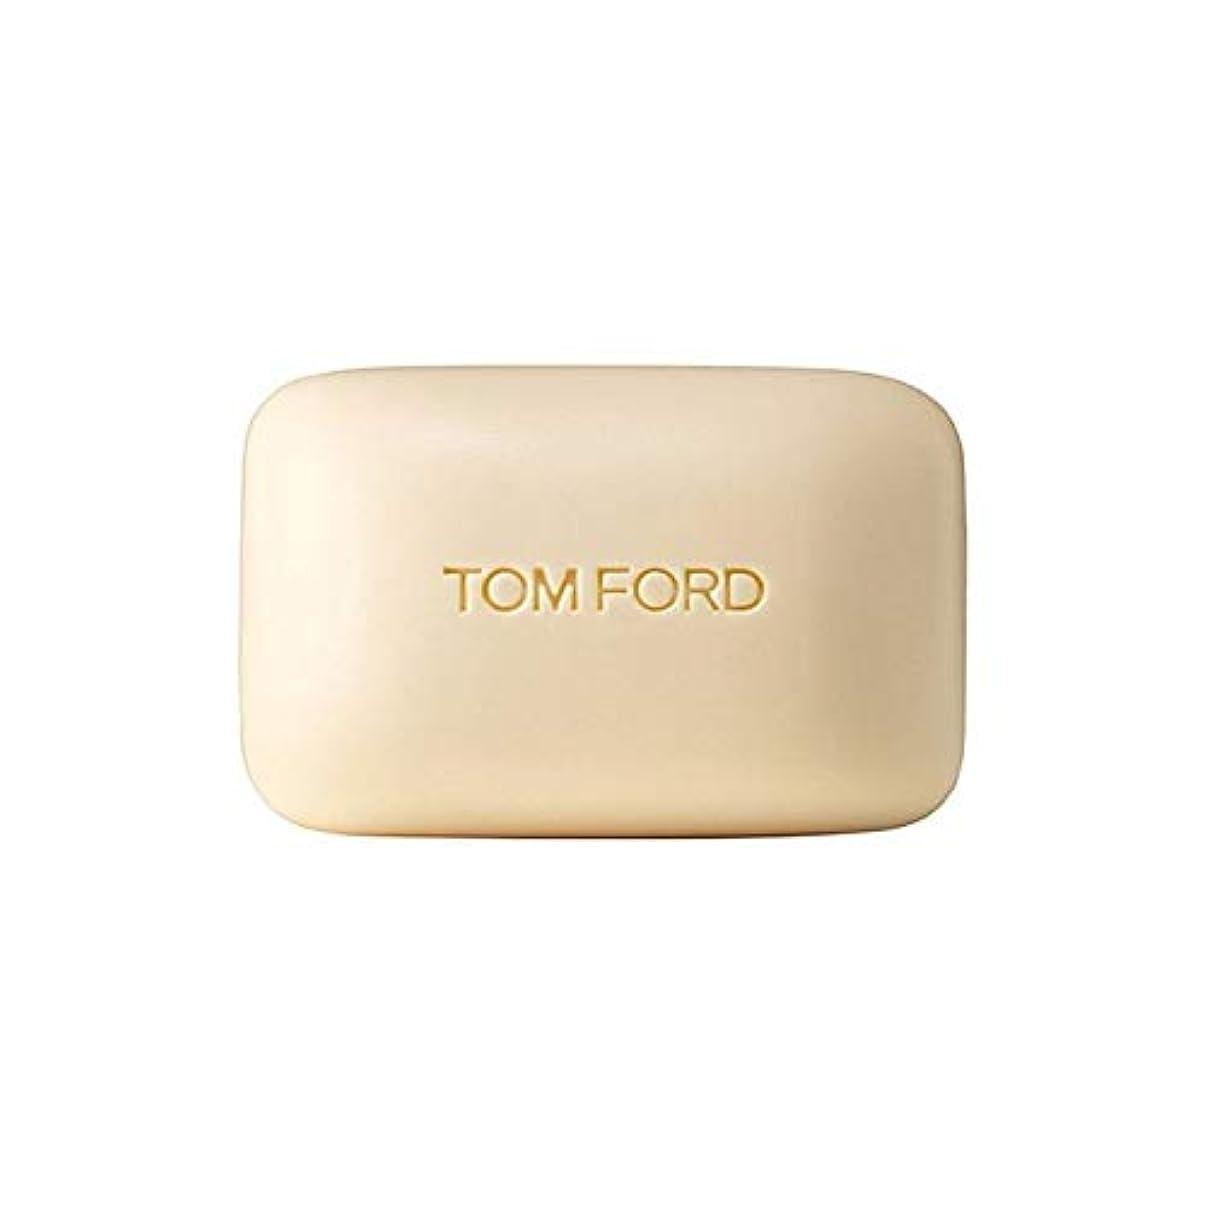 化学薬品毎回カメラ[Tom Ford] トムフォードジャスミンルージュソープバー150グラム - Tom Ford Jasmin Rouge Soap Bar 150G [並行輸入品]